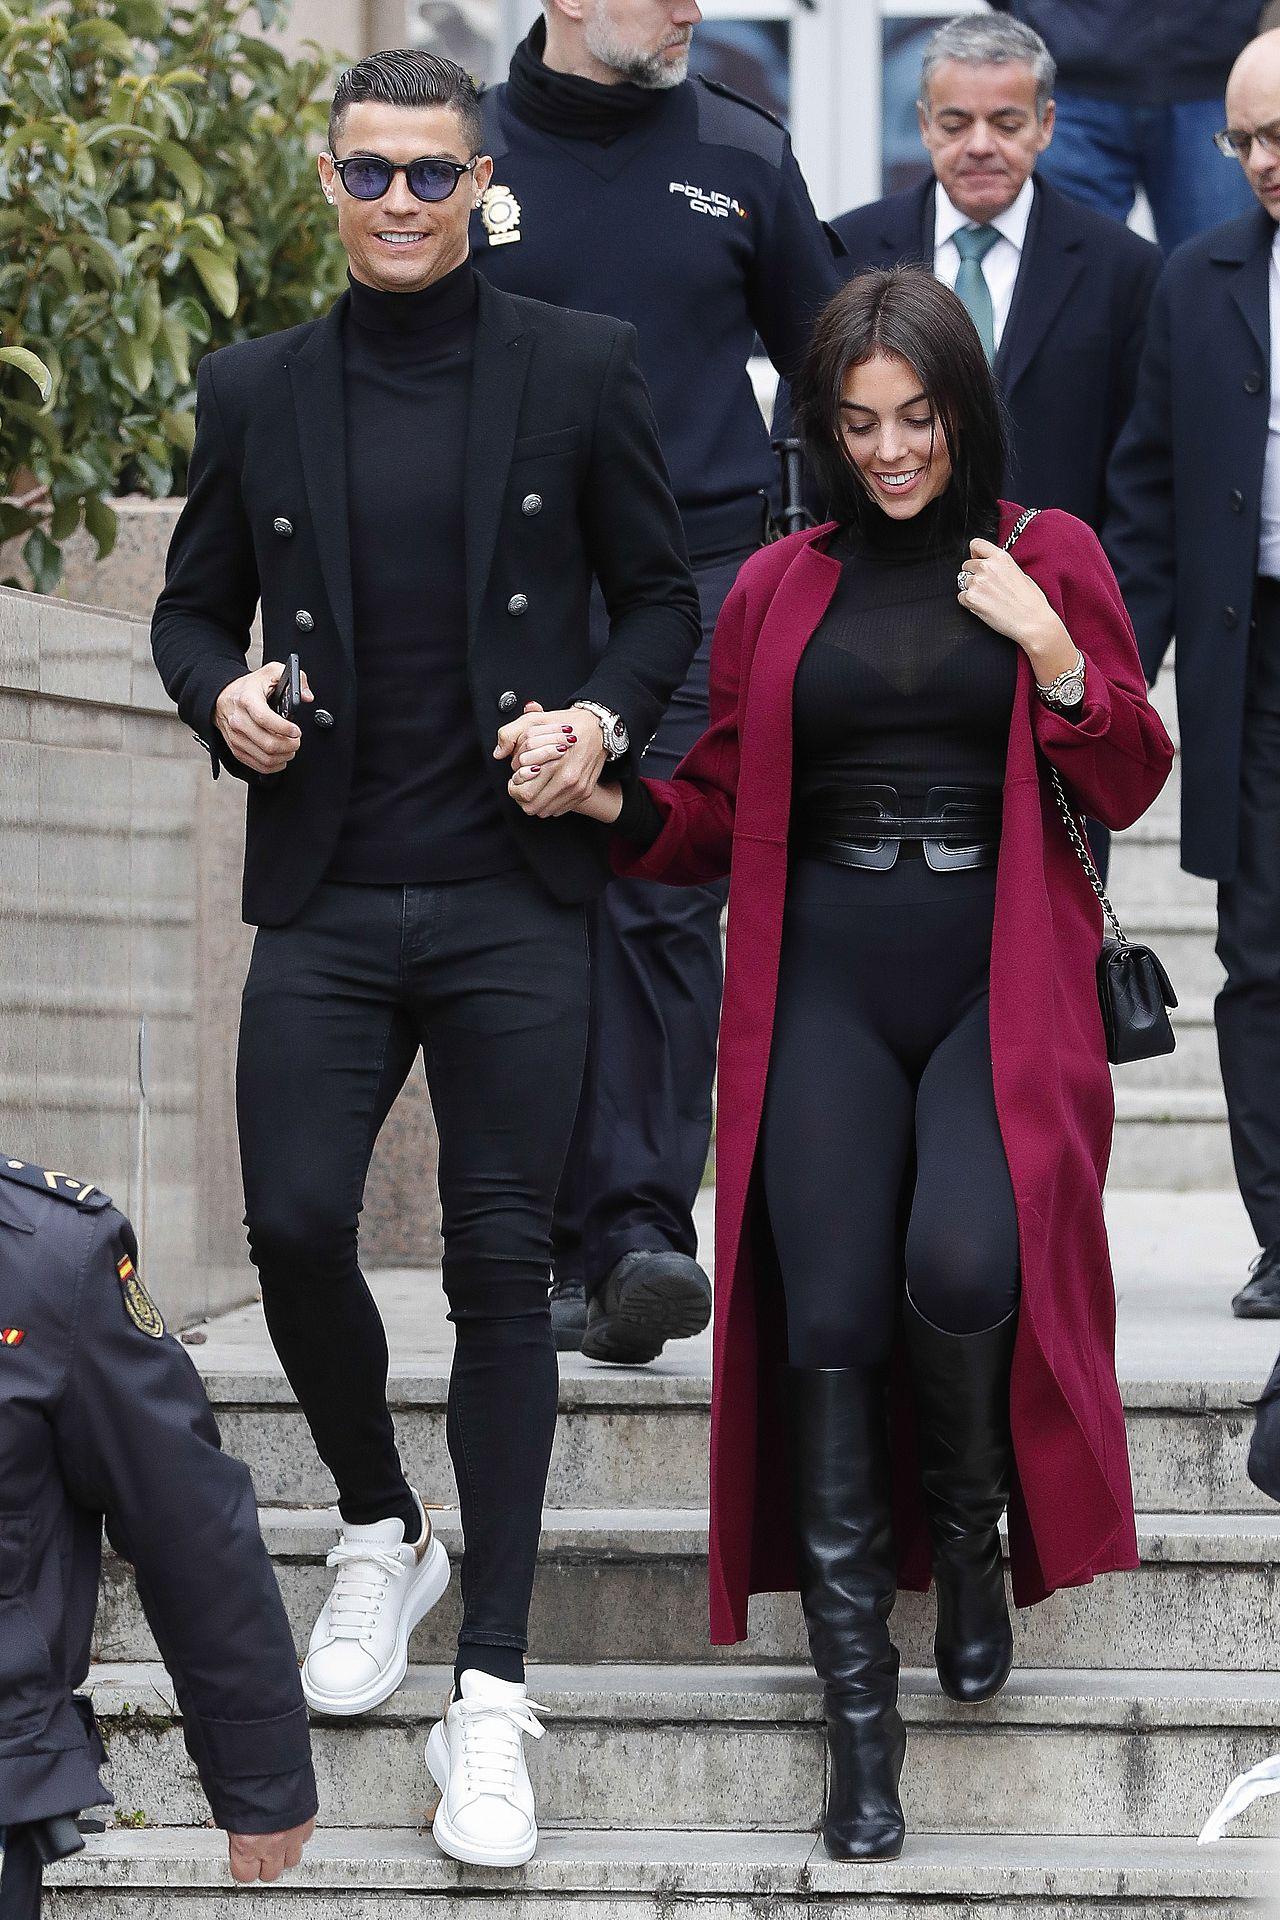 Cristiano Ronaldo and Georgina Rodriguez to court for Tax fraud